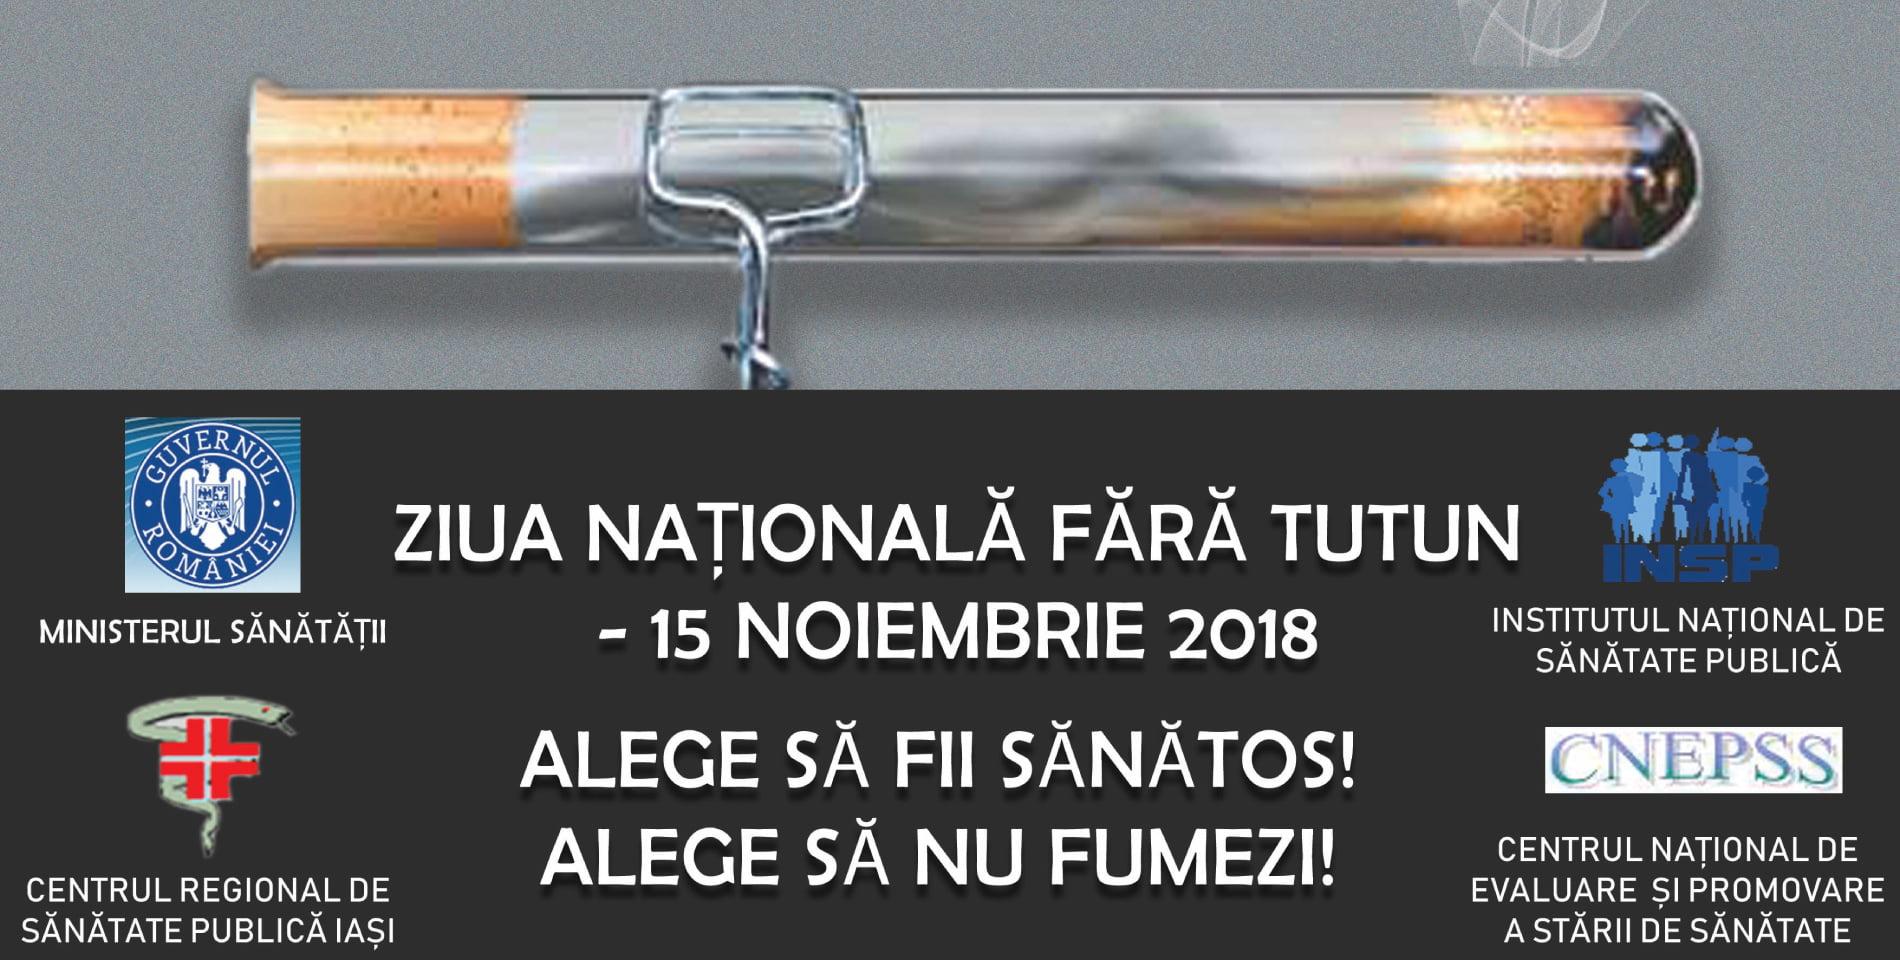 15 noiembrie, Ziua naţională fără tutun